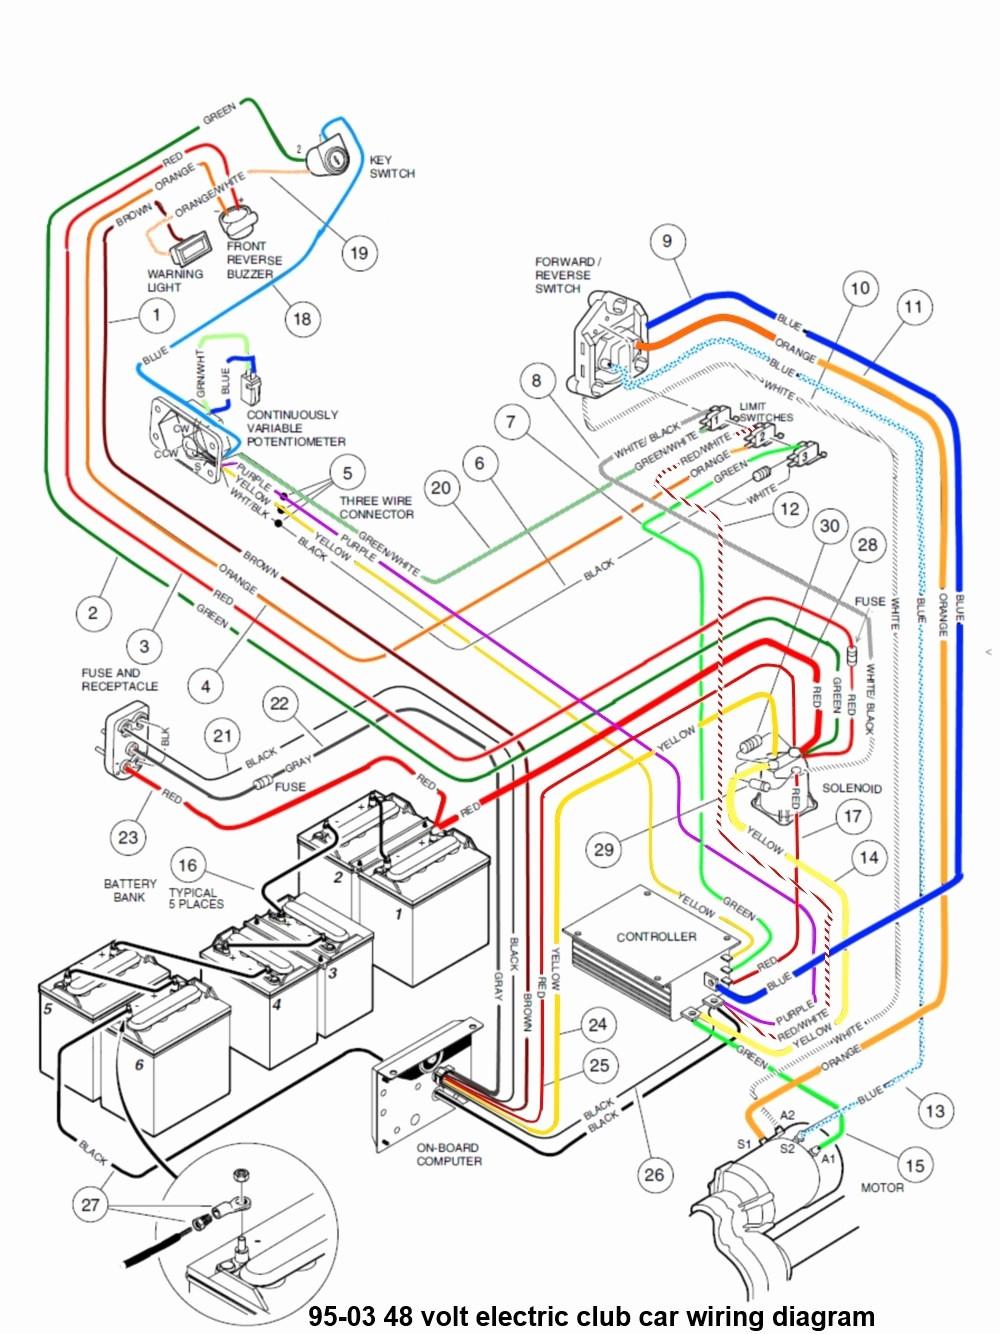 36 Volt Charger Wiring Diagram | Schematic Diagram - Ez Go Gas Golf Cart Wiring Diagram